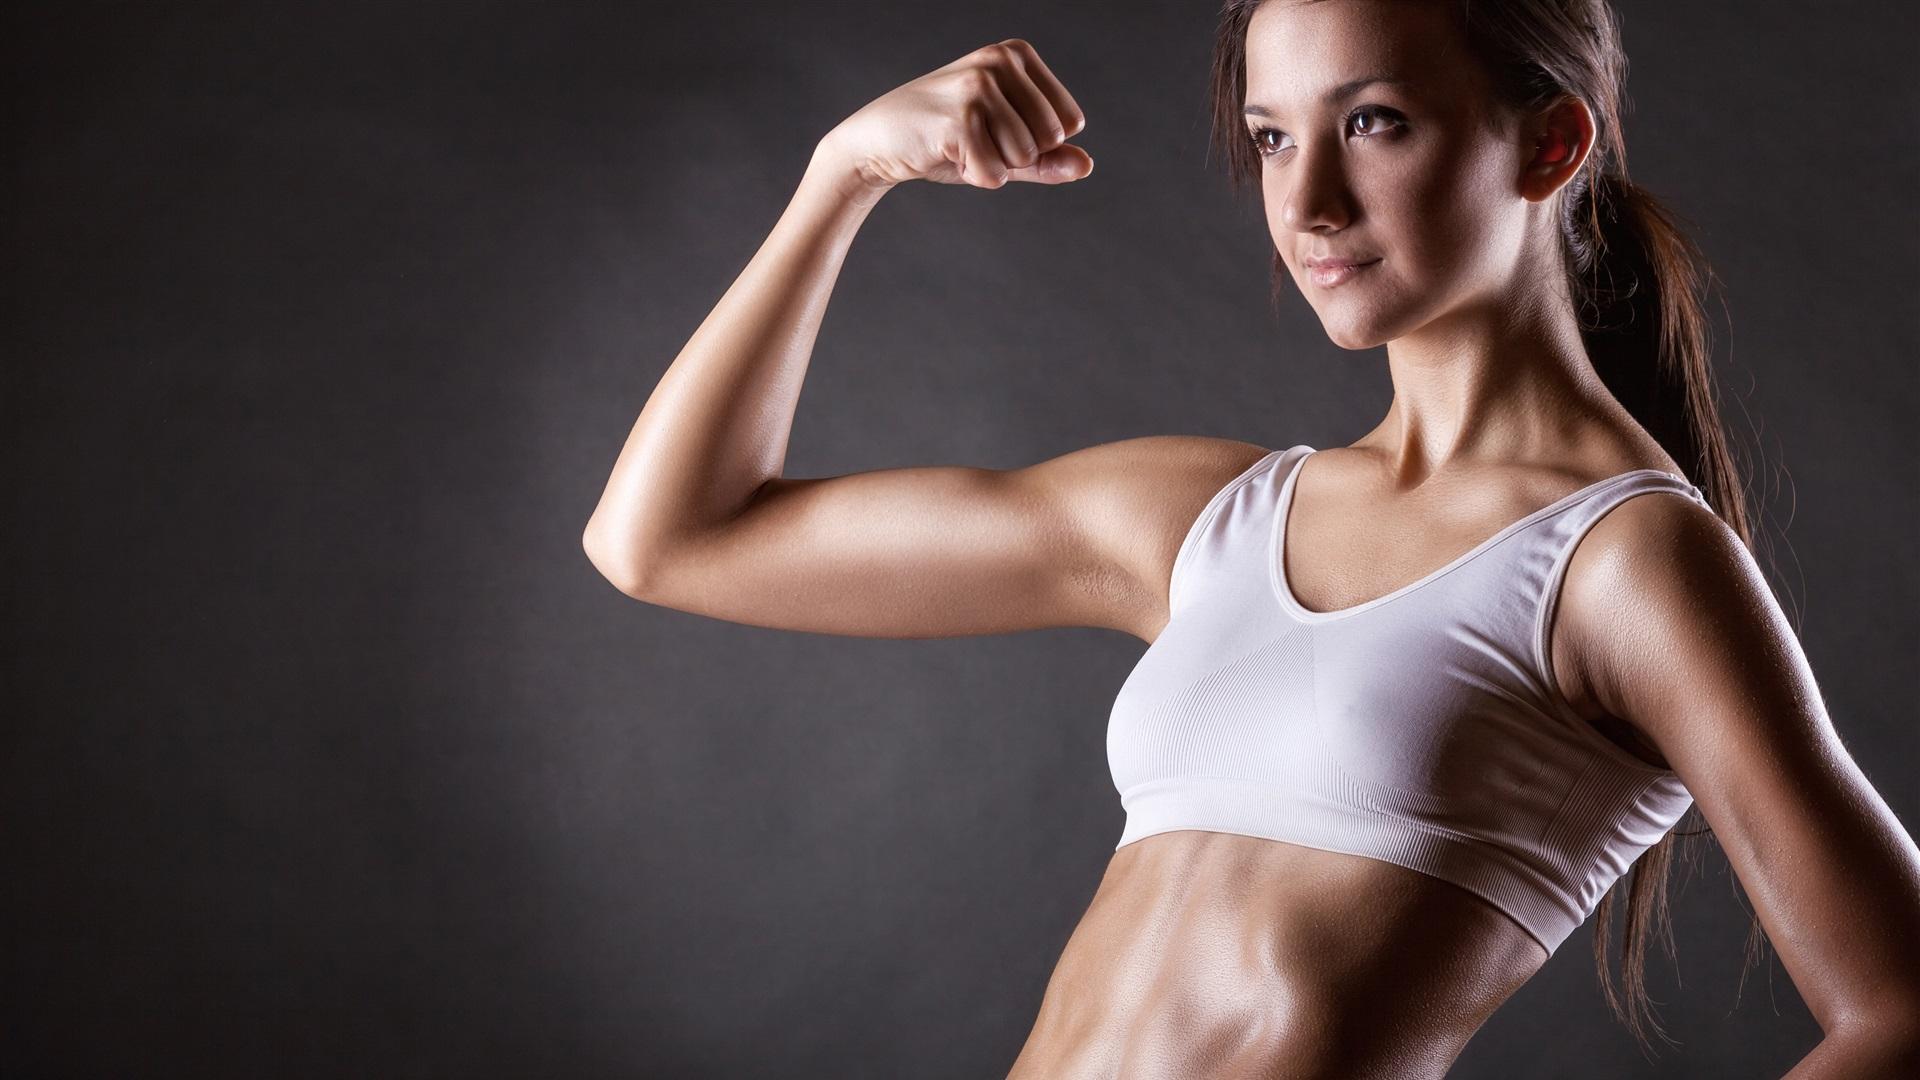 배경 화면 운동, 섹시한 여자 3840x2160 UHD 4K 그림, 이미지